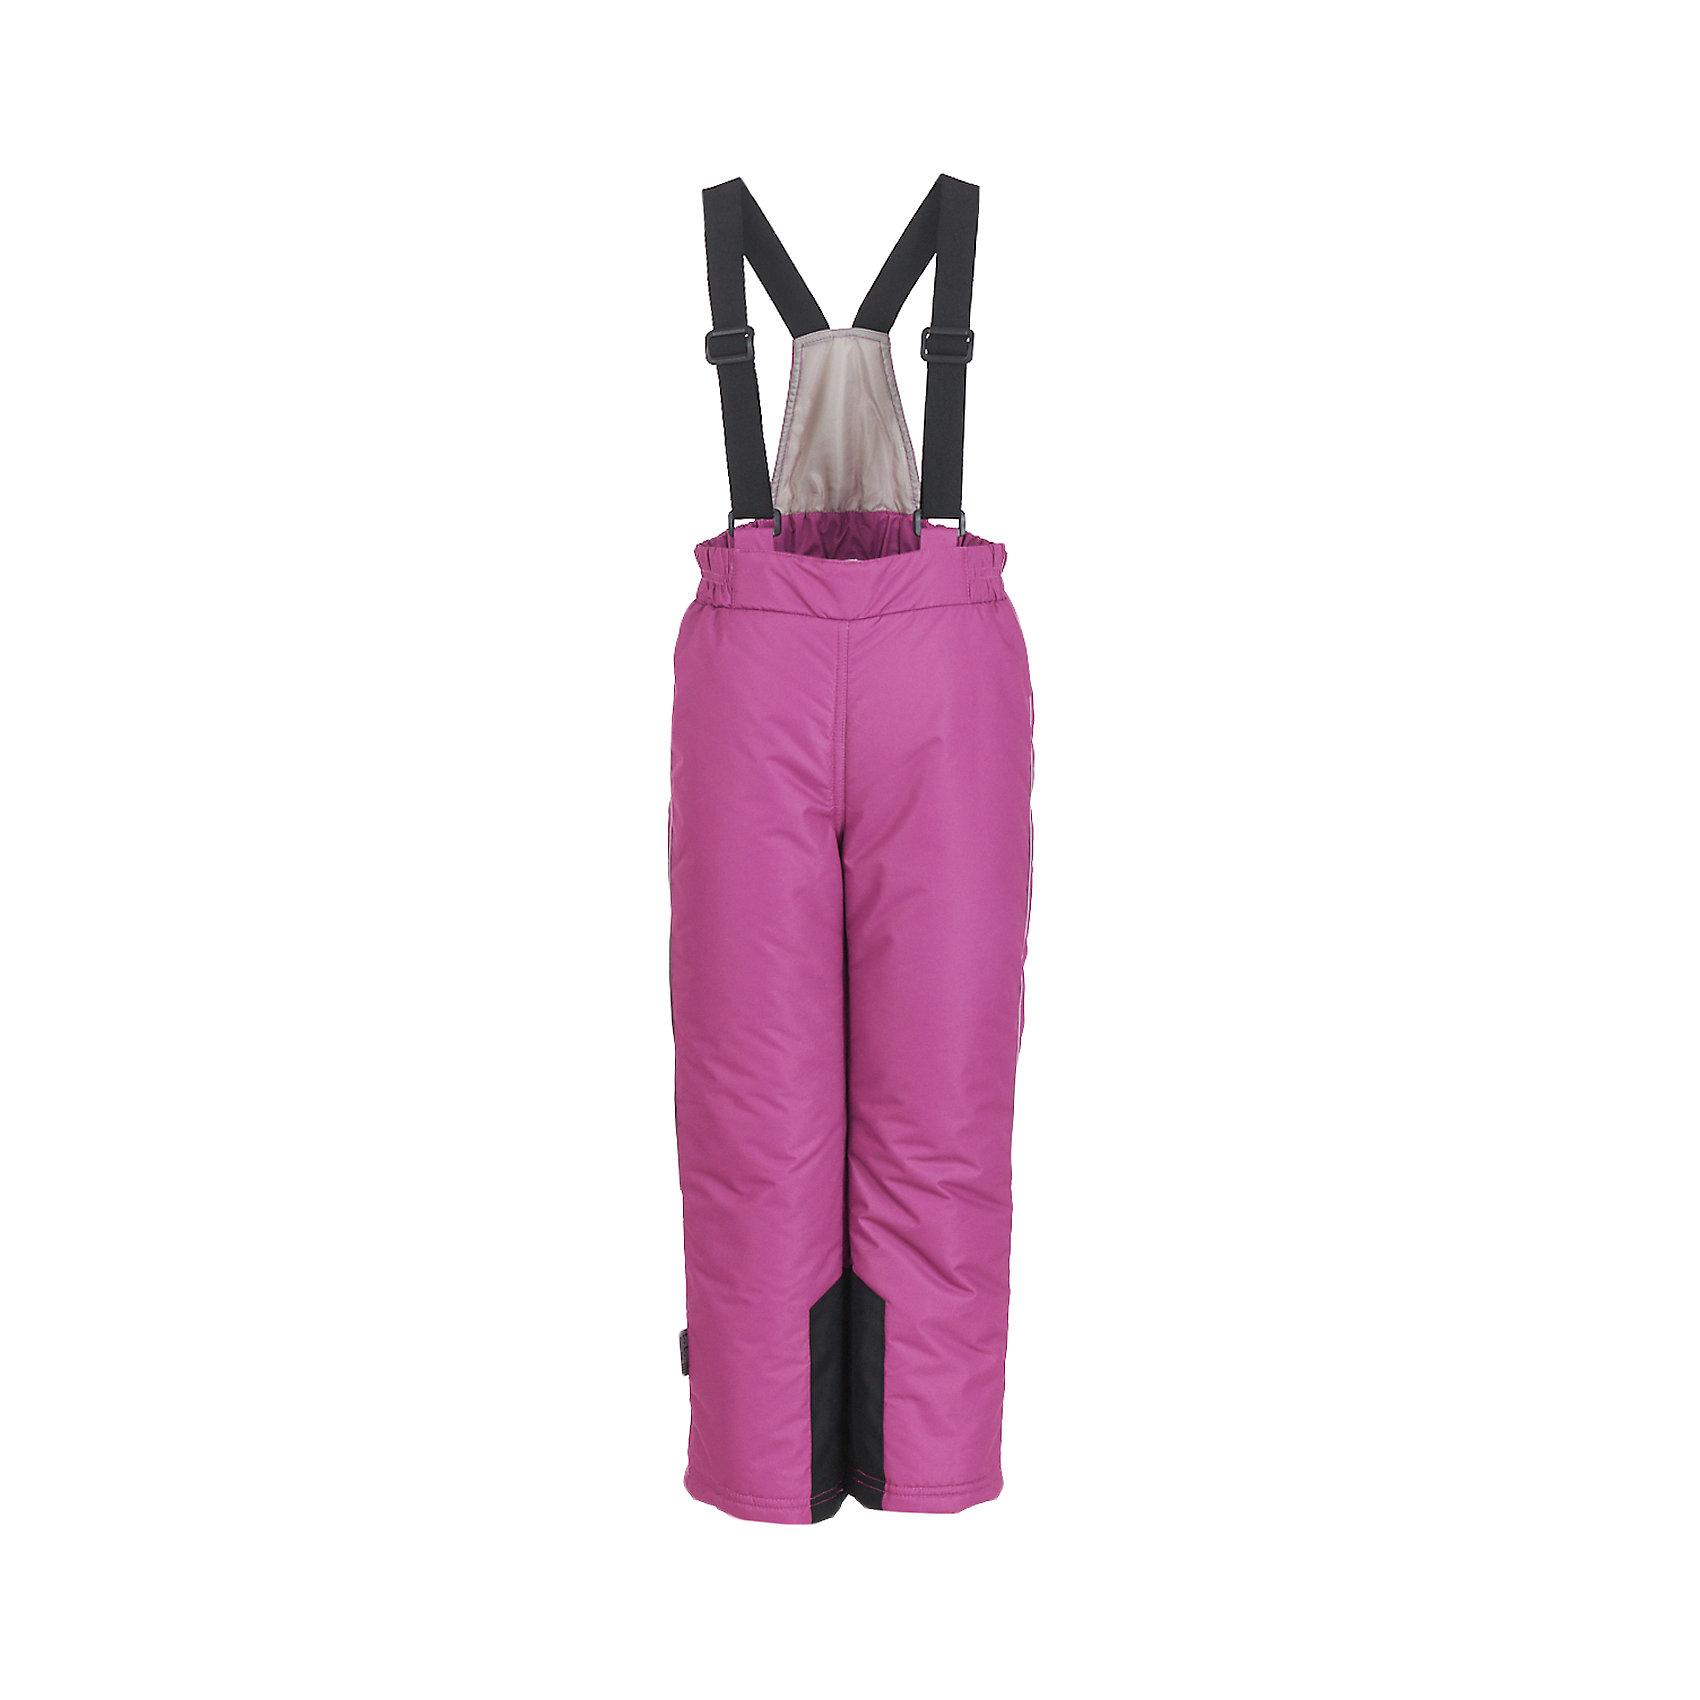 Брюки BUTTON BLUEВерхняя одежда<br>Брюки BUTTON BLUE <br>Детский полукомбинезон из мембранной плащевки – основа зимнего прогулочного гардероба ребенка. Основная задача этого изделия - водостойкость и сохранение тепла, и этот полукомбинезон с ней справится наилучшим образом. Чтобы сделать длительные прогулки на свежем воздухе комфортными, вам стоит купить детский полукомбинезон. Простой, надежный, практичный, полукомбинезон сделает каждый день ребенка уютным и комфортным.<br>Состав:<br>тк. верха:                        100%полиэстер,                           подкл.:               100%полиэстер, утепл.:         100%полиэстер<br><br>Ширина мм: 215<br>Глубина мм: 88<br>Высота мм: 191<br>Вес г: 336<br>Цвет: розовый<br>Возраст от месяцев: 144<br>Возраст до месяцев: 156<br>Пол: Унисекс<br>Возраст: Детский<br>Размер: 158,116,98,104,110,122,128,134,140,146,152<br>SKU: 7039690